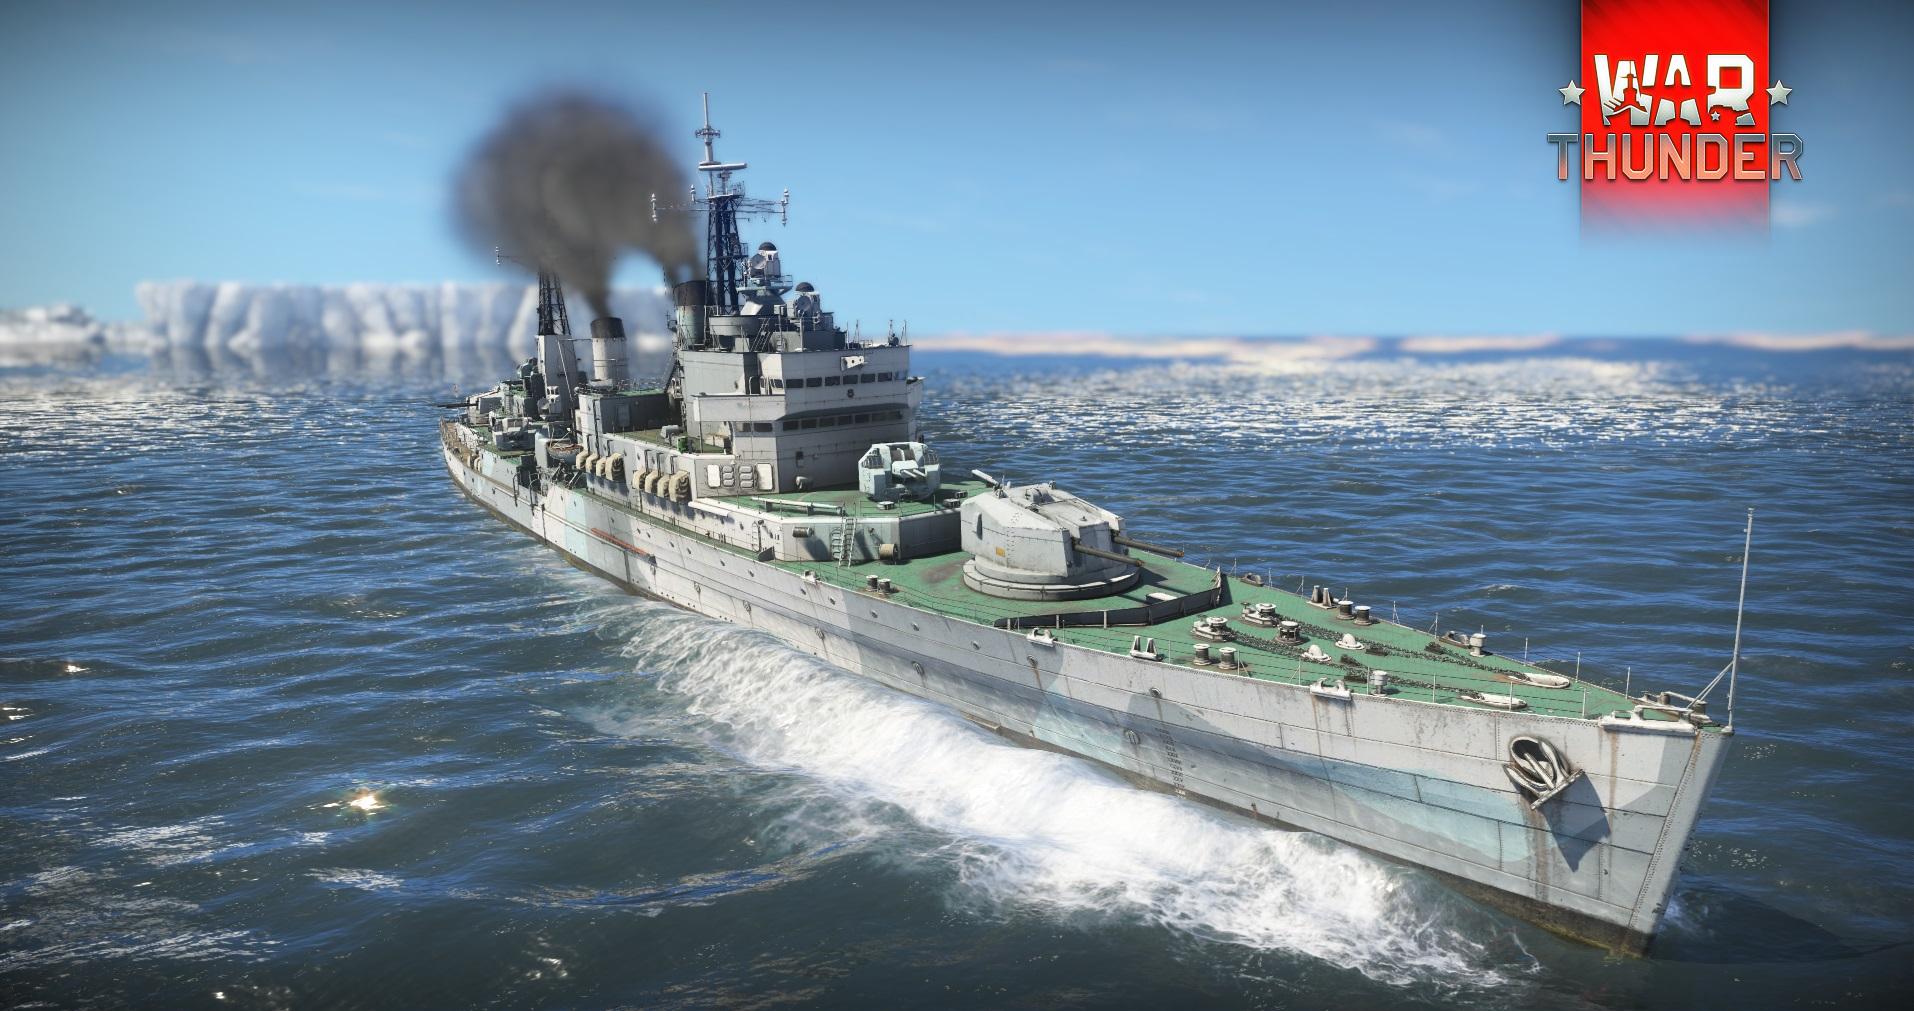 HMS%20Tiger_f0714c7dd2f8542f0906cb55597f